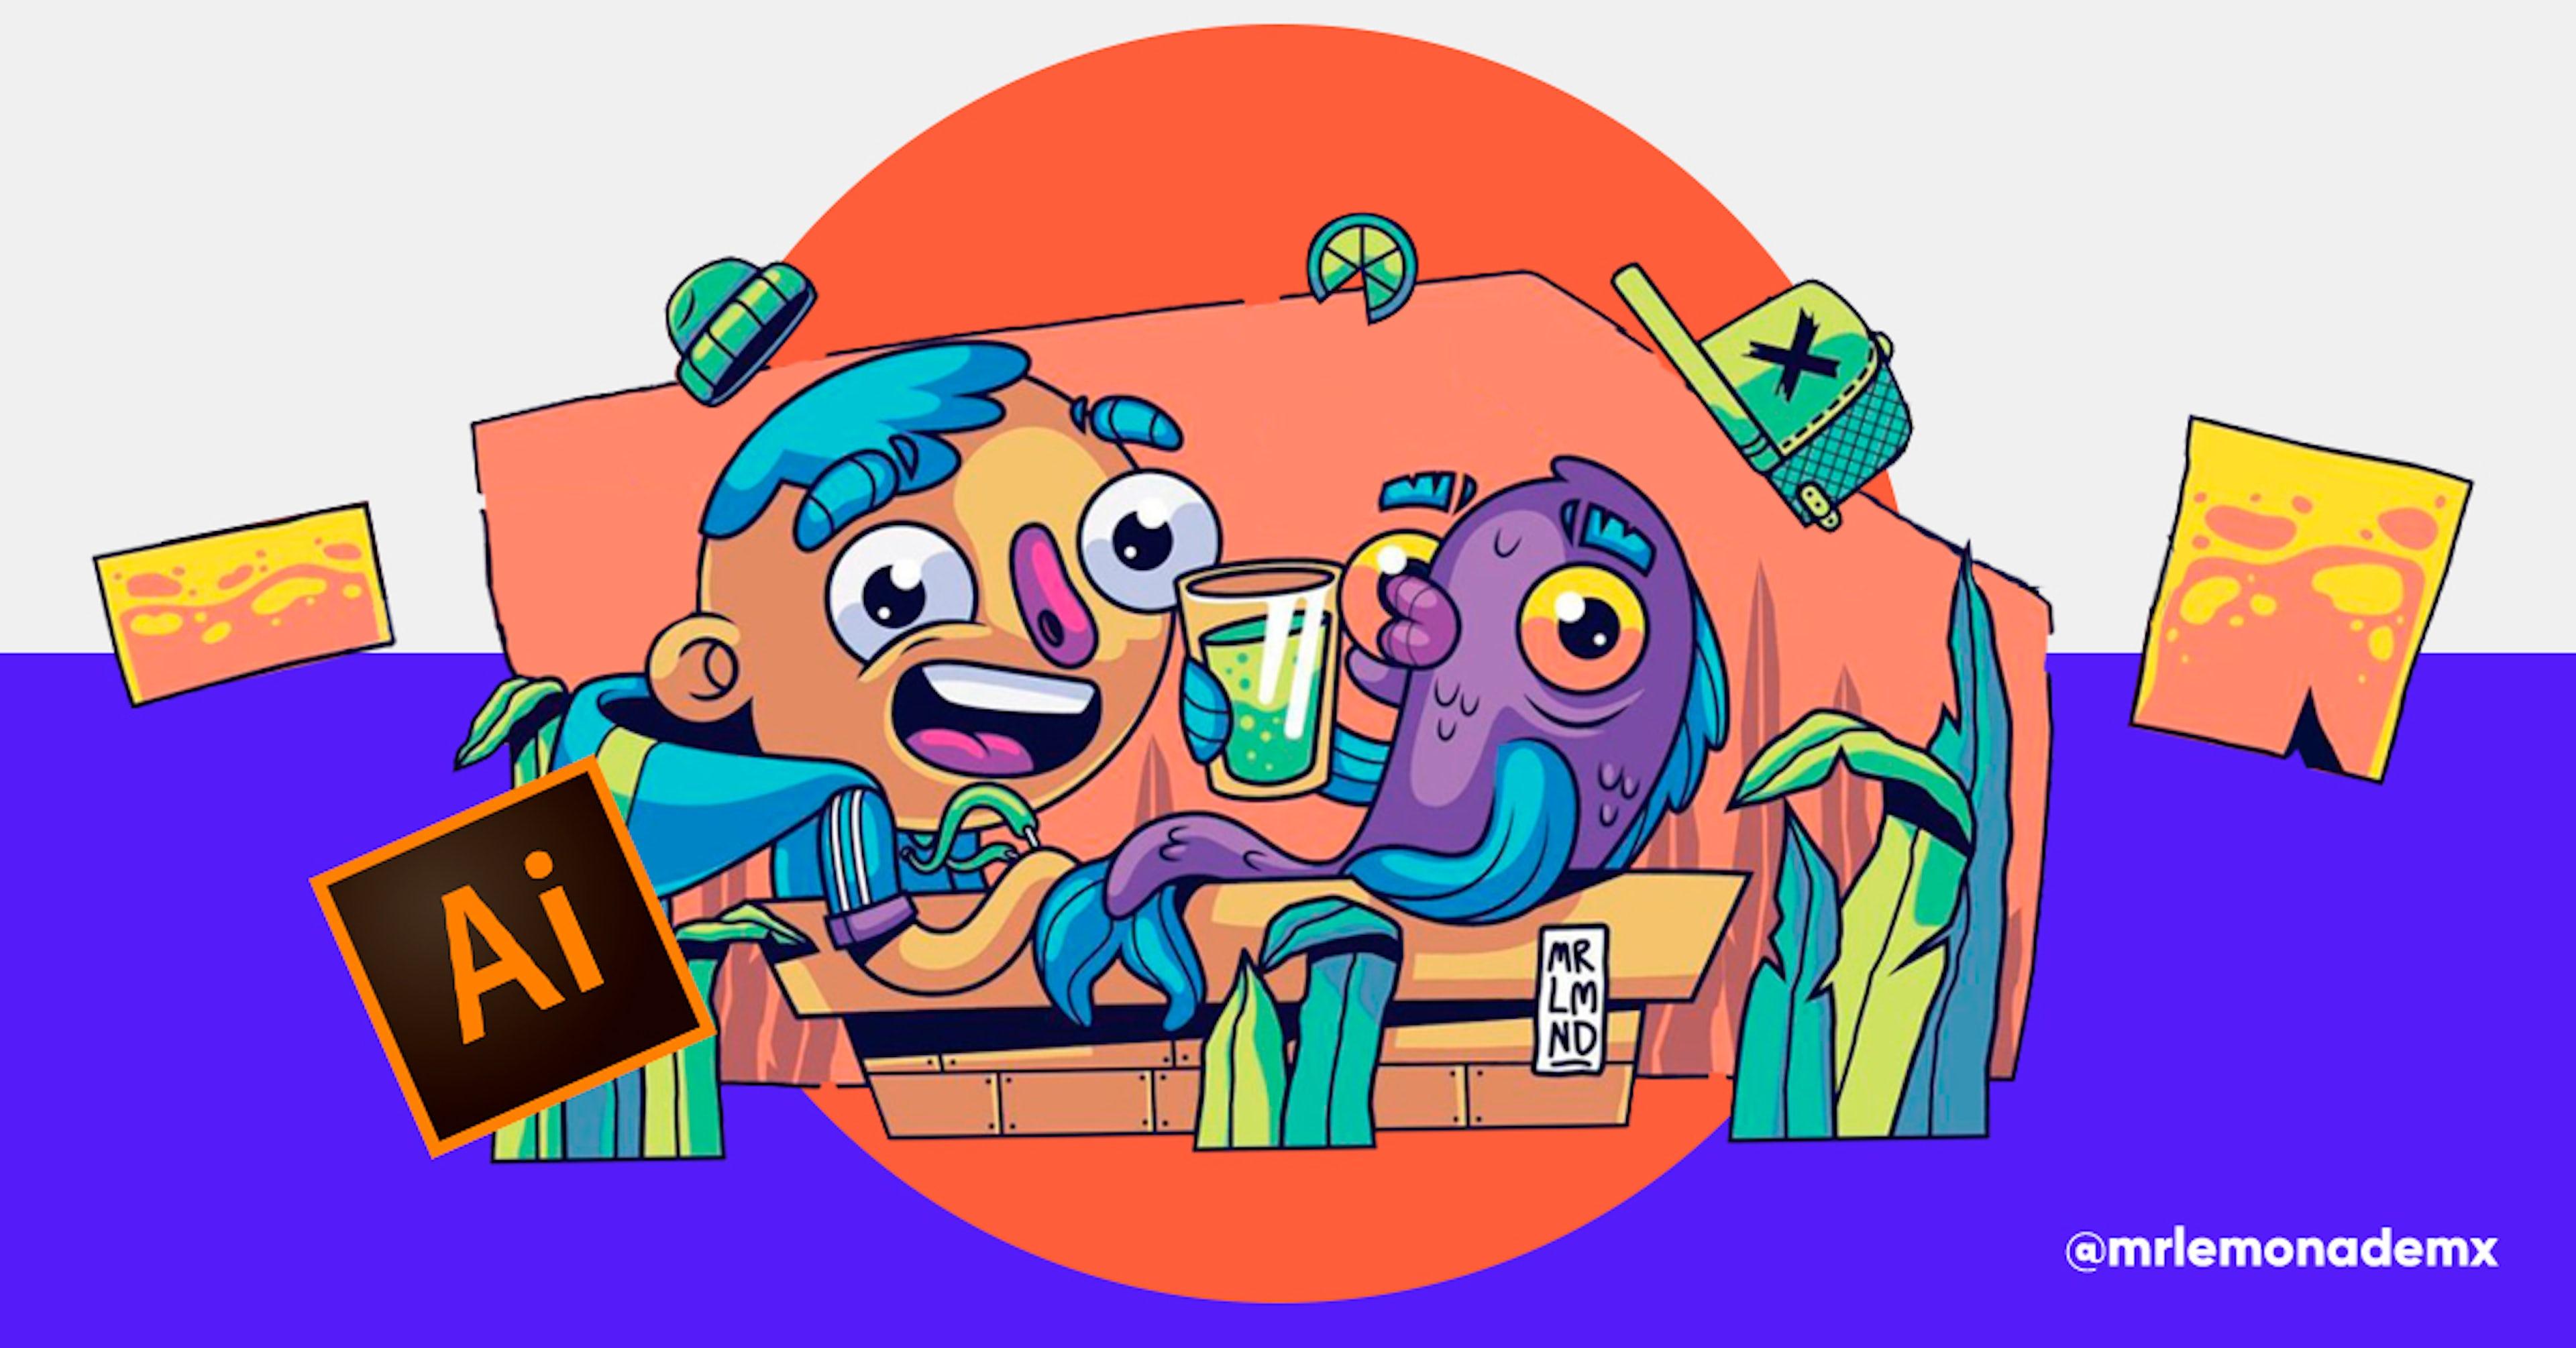 Cursos gratis de Adobe Illustrator para ilustrar los dibujos que guardas desde el kinder